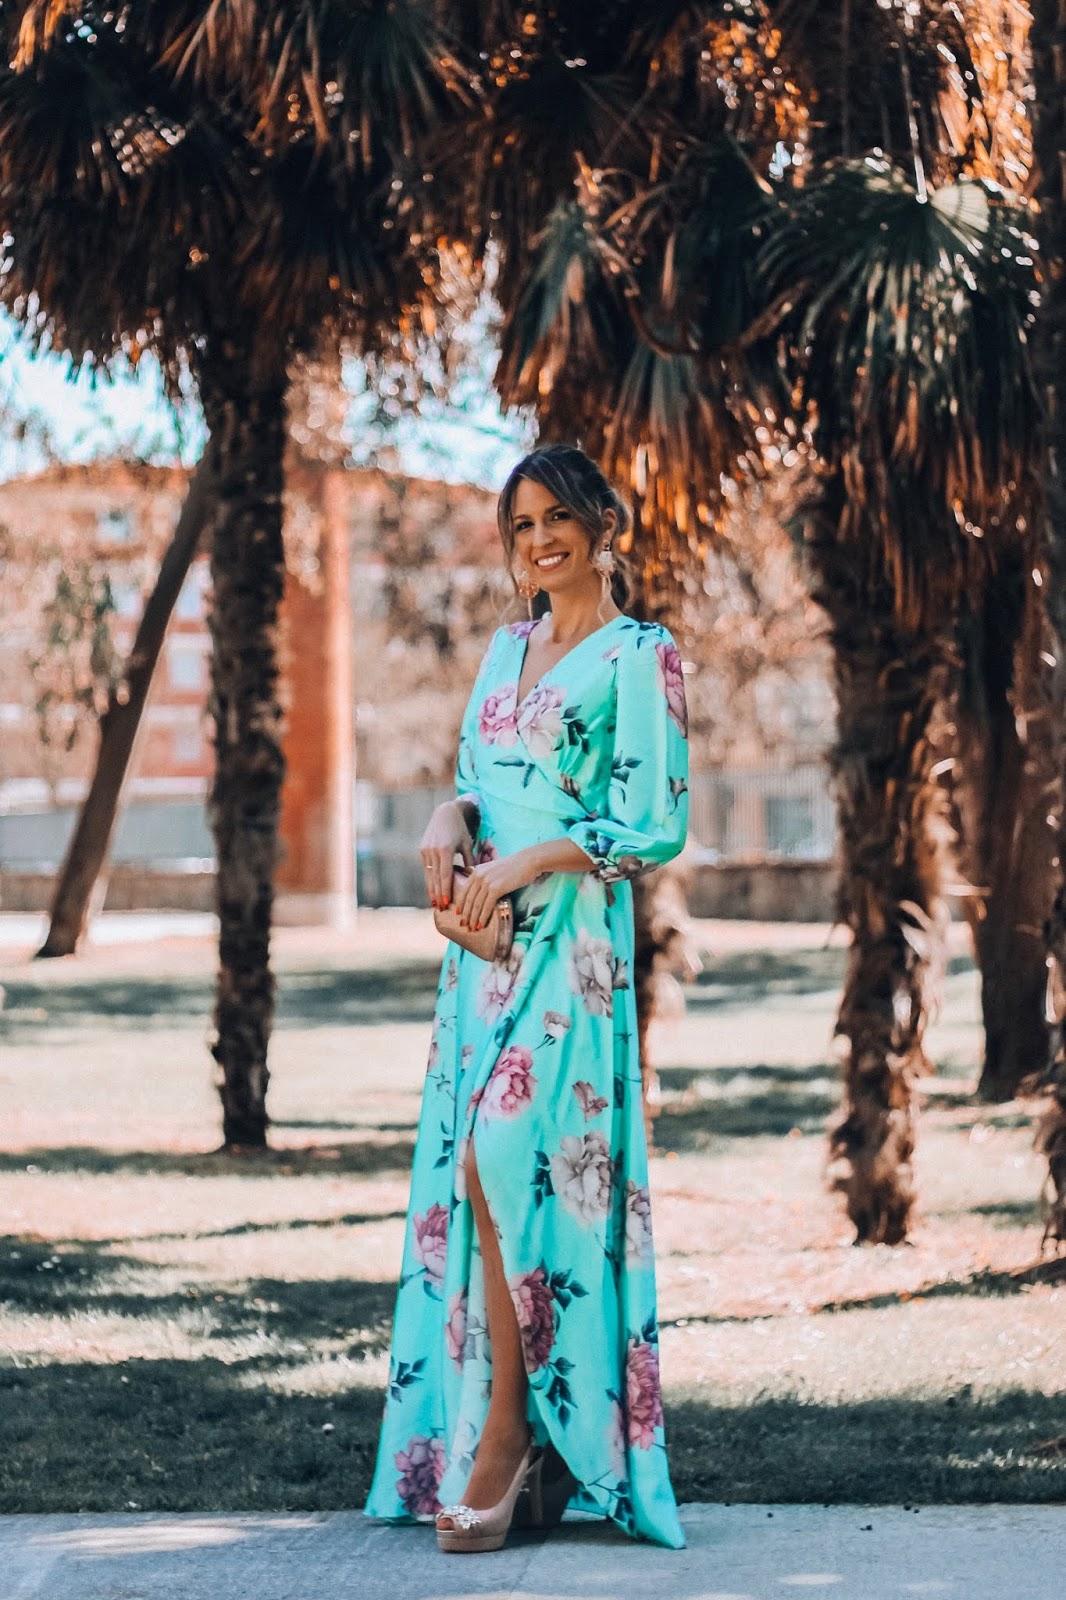 Boda De Día Con Vestido Largo Mi Tacón De Quita Y Pon